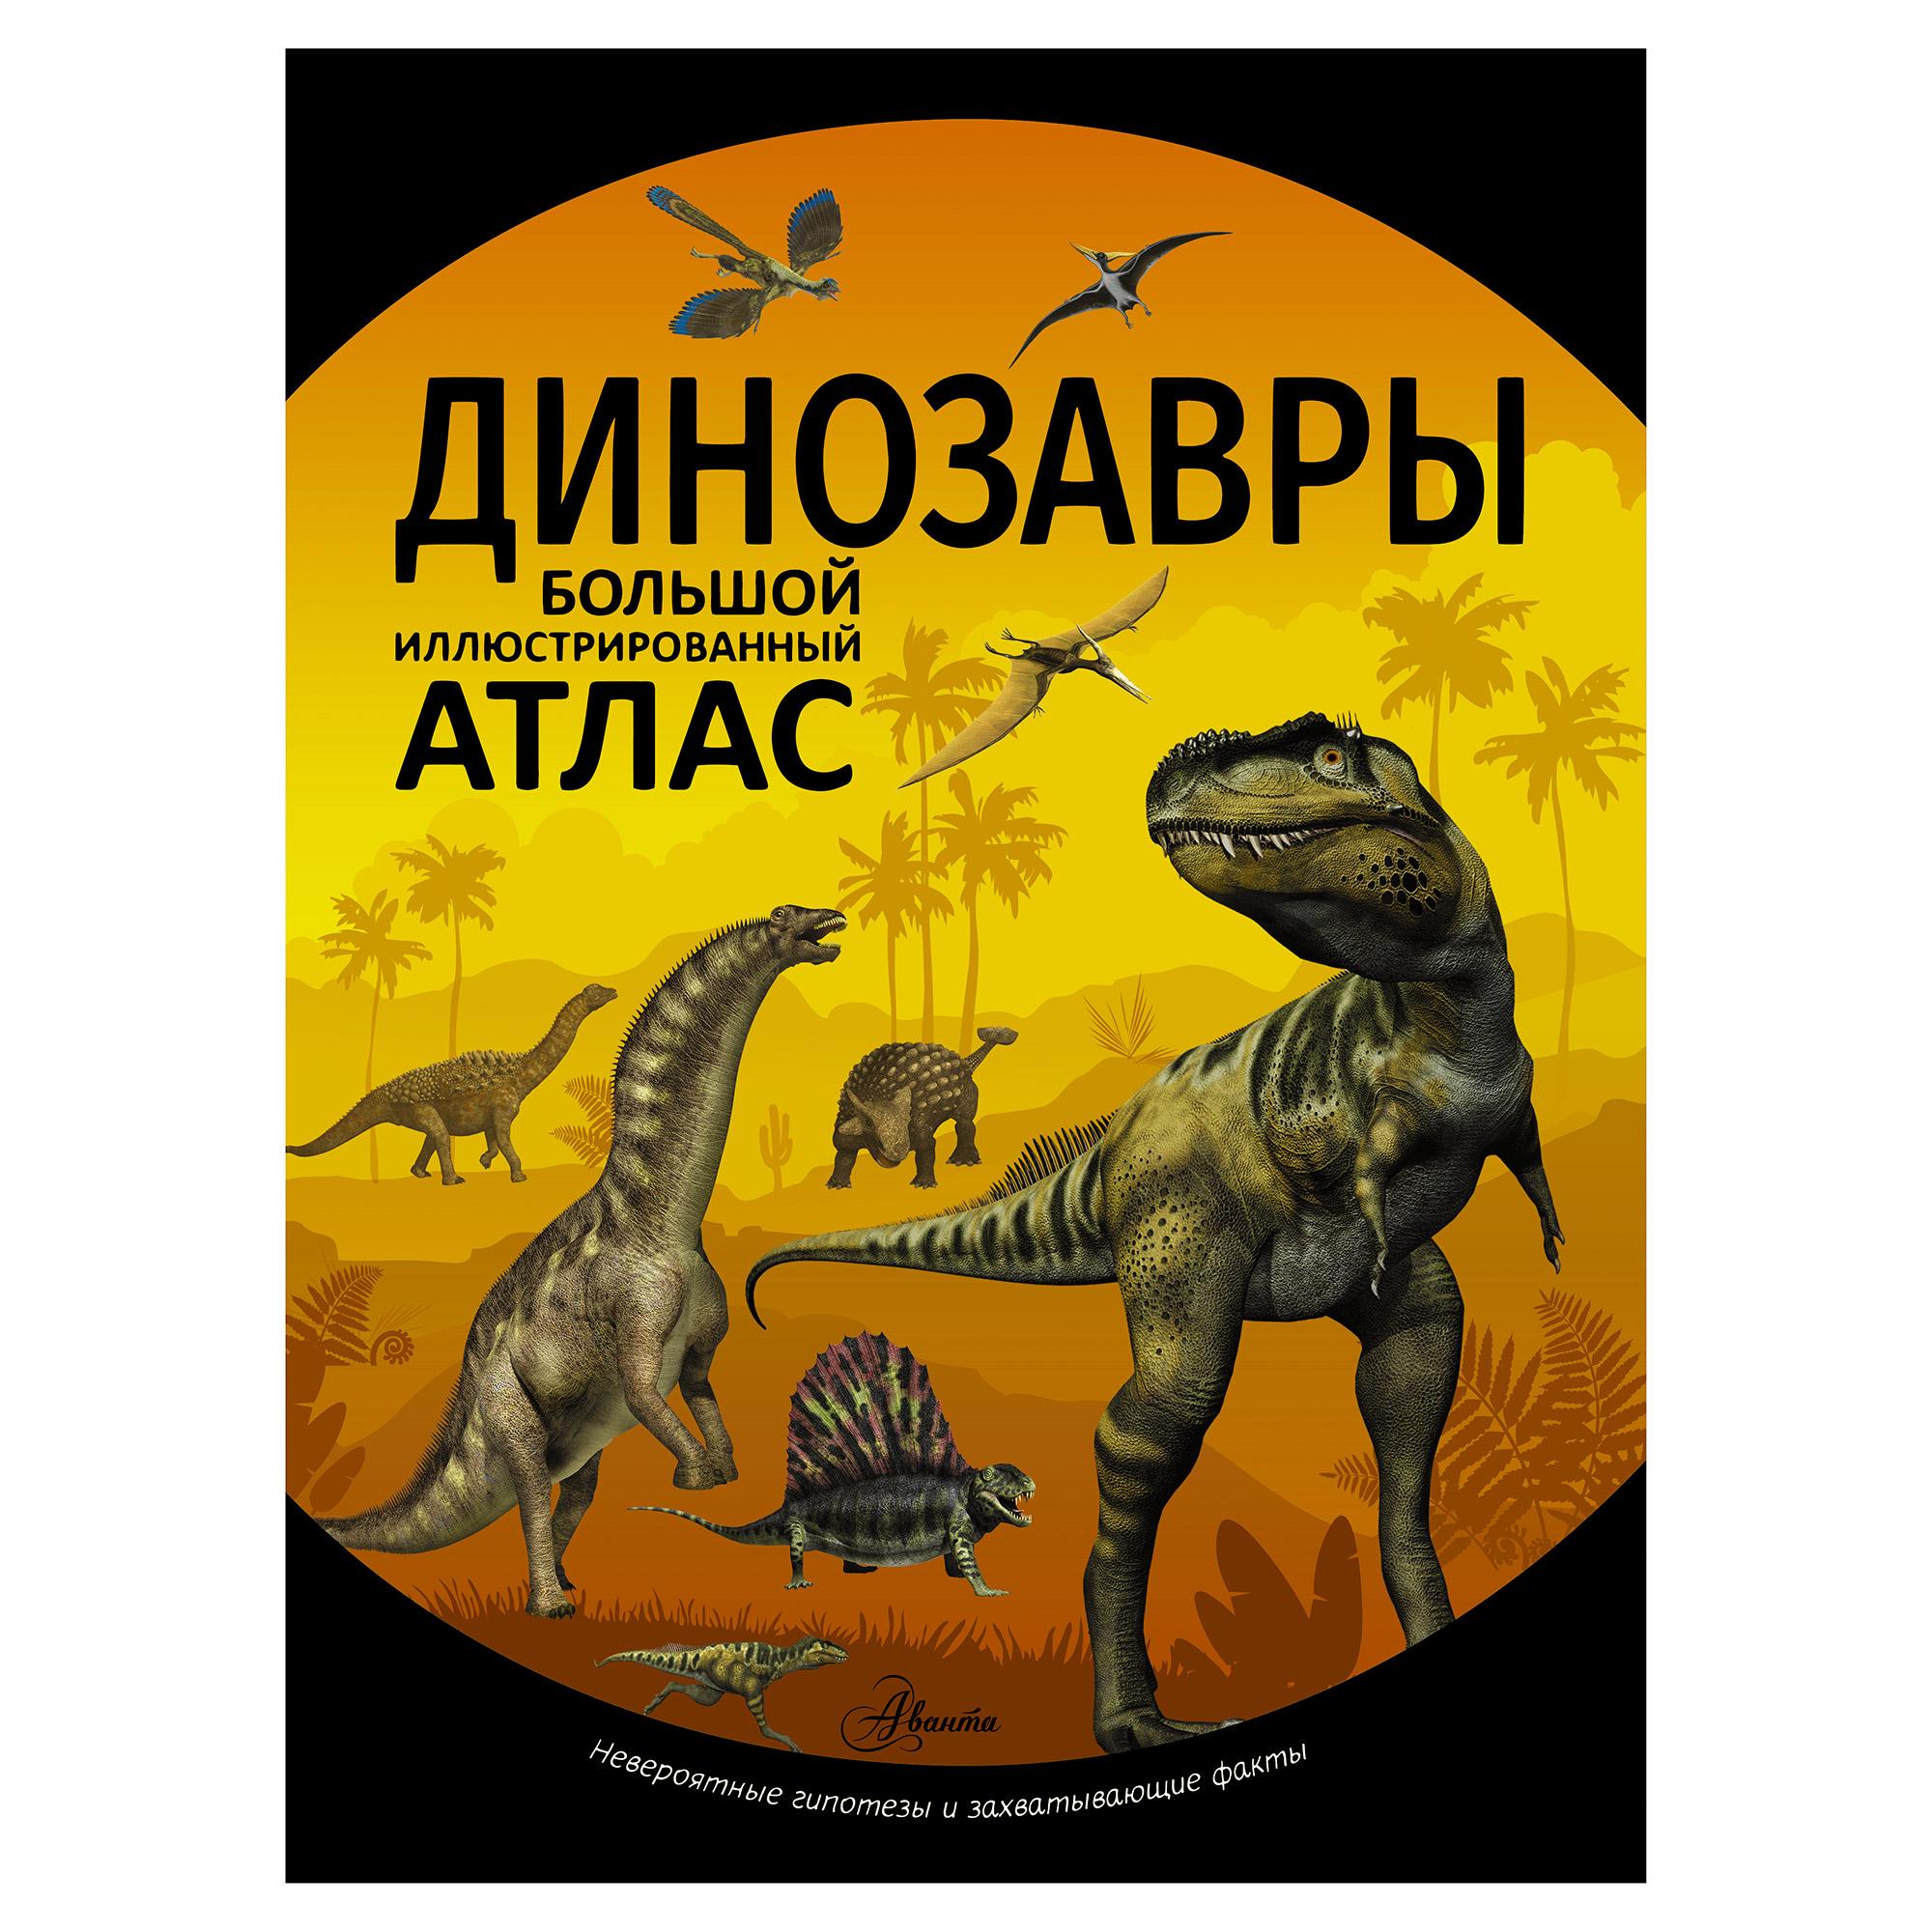 Книга АСТ Динозавры энциклопедии издательство аст п волцит книга динозавры